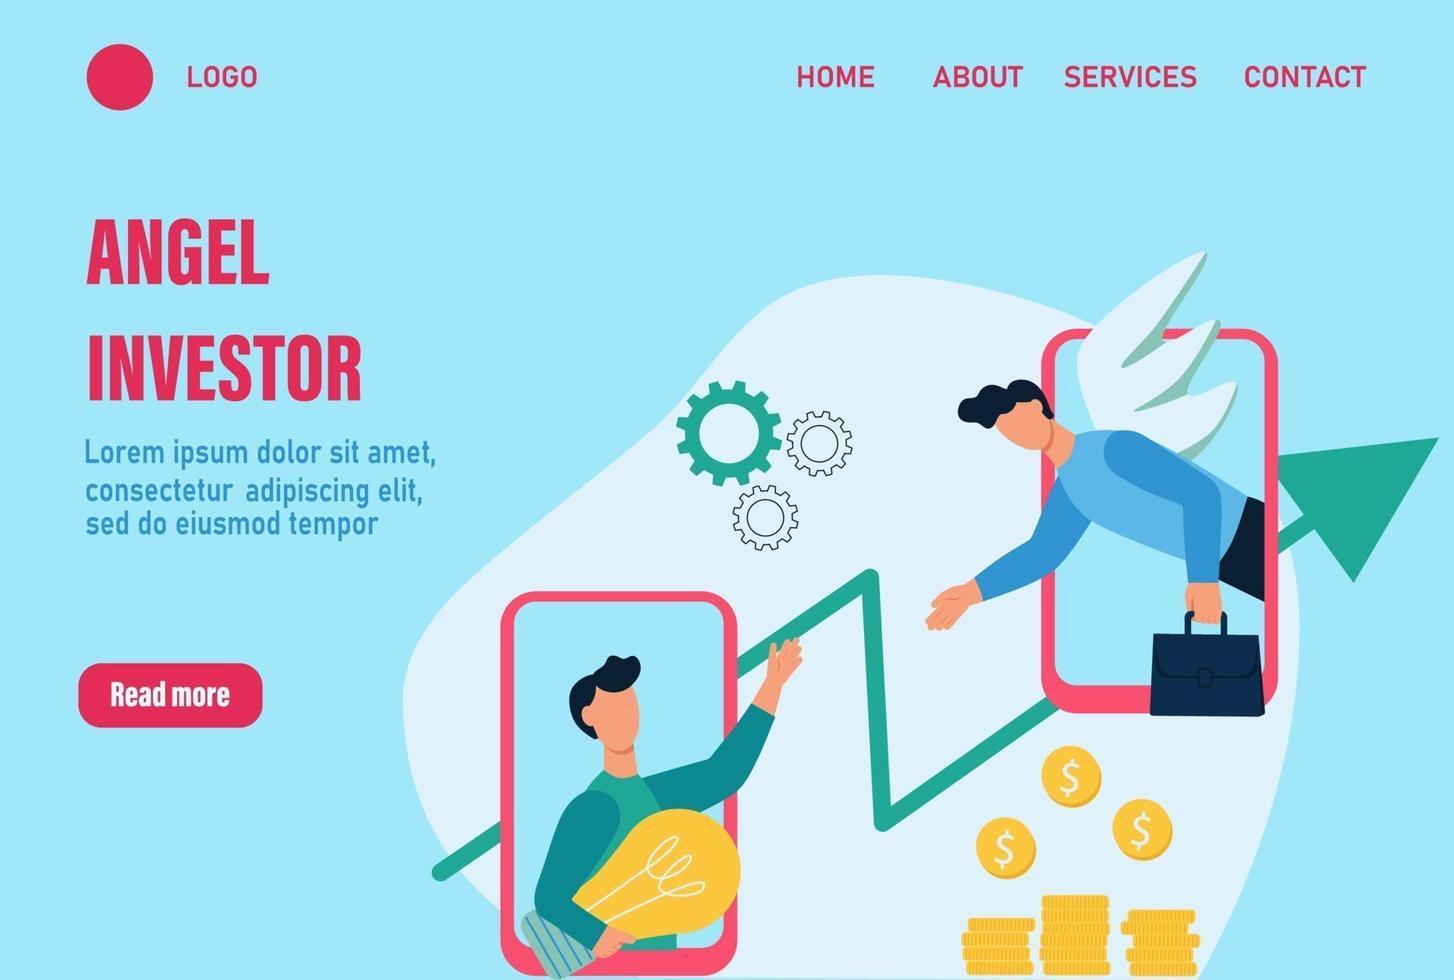 modèle de vecteur de page de destination investisseur ange. le concept d'un business angel. aide à une startup, un jeune homme d'affaires. soutien financier aux jeunes entreprises. illustration vectorielle de dessin animé plat.